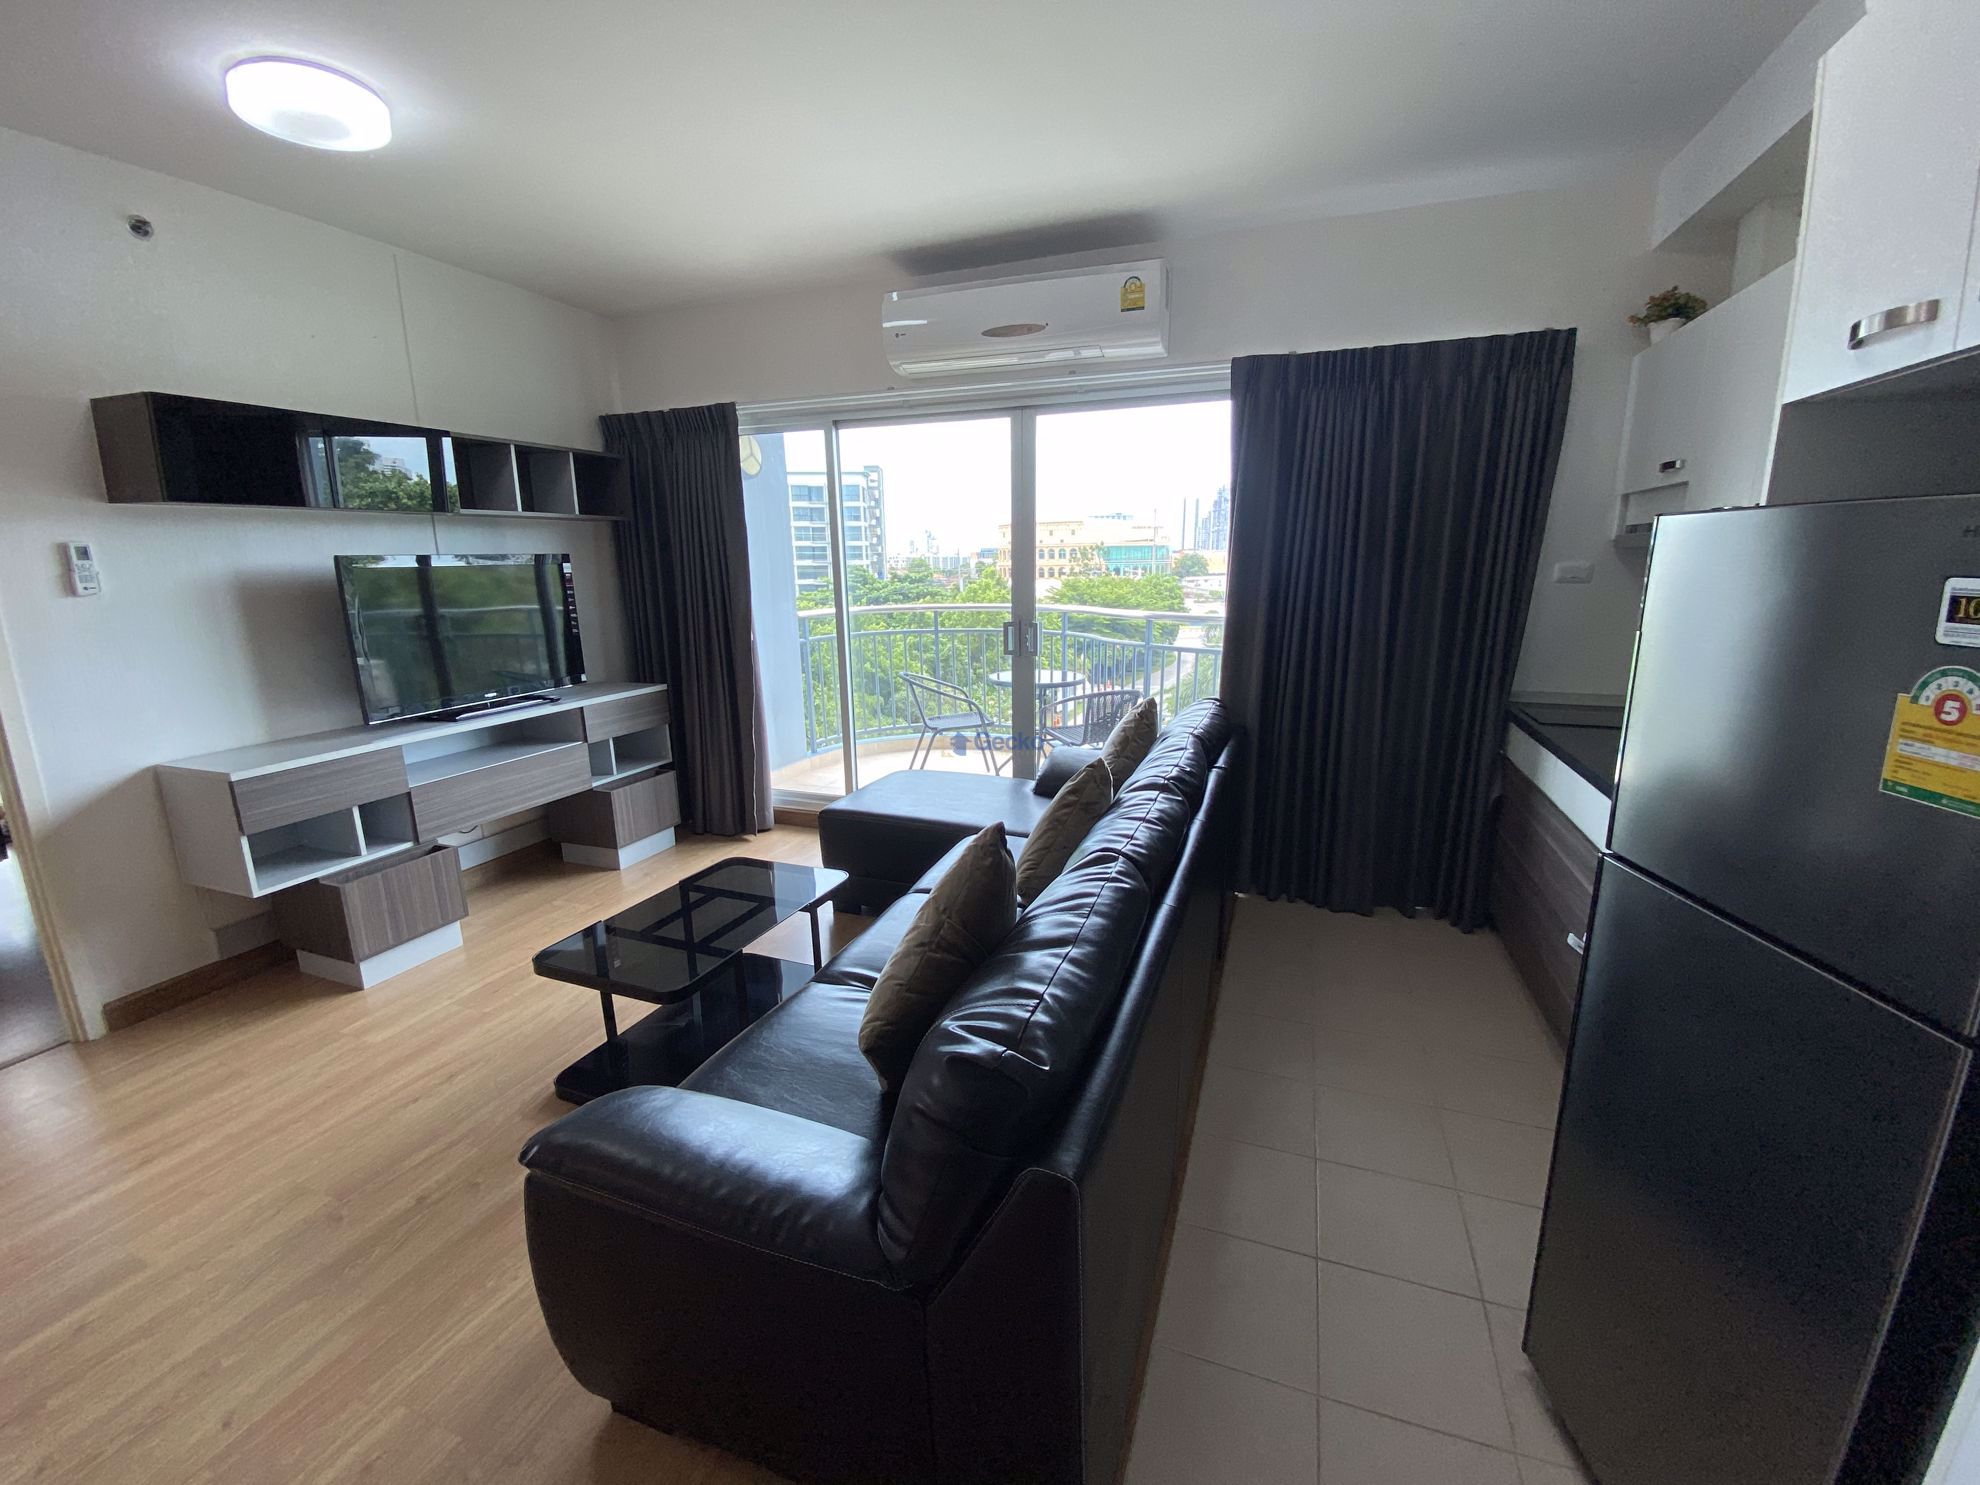 รูปภาพ 2 Bedrooms bed in Condo in Supalai Mare in Jomtien C009271